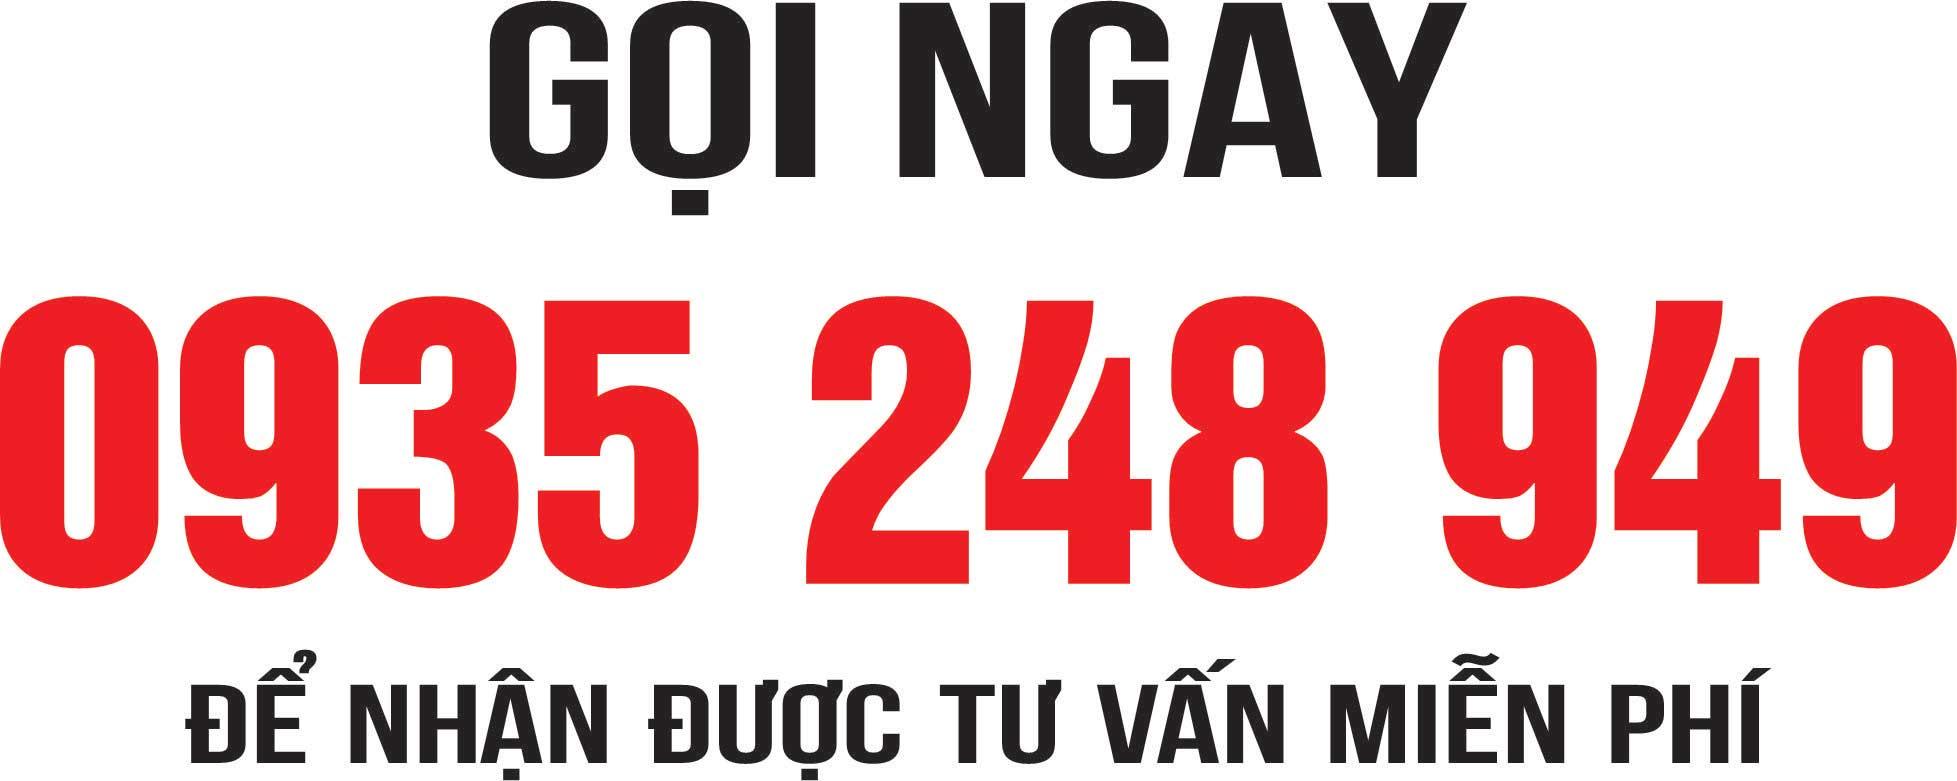 CALL NOW - Làm bảng hiệu quảng cáo quận Bình Tân TPHCM